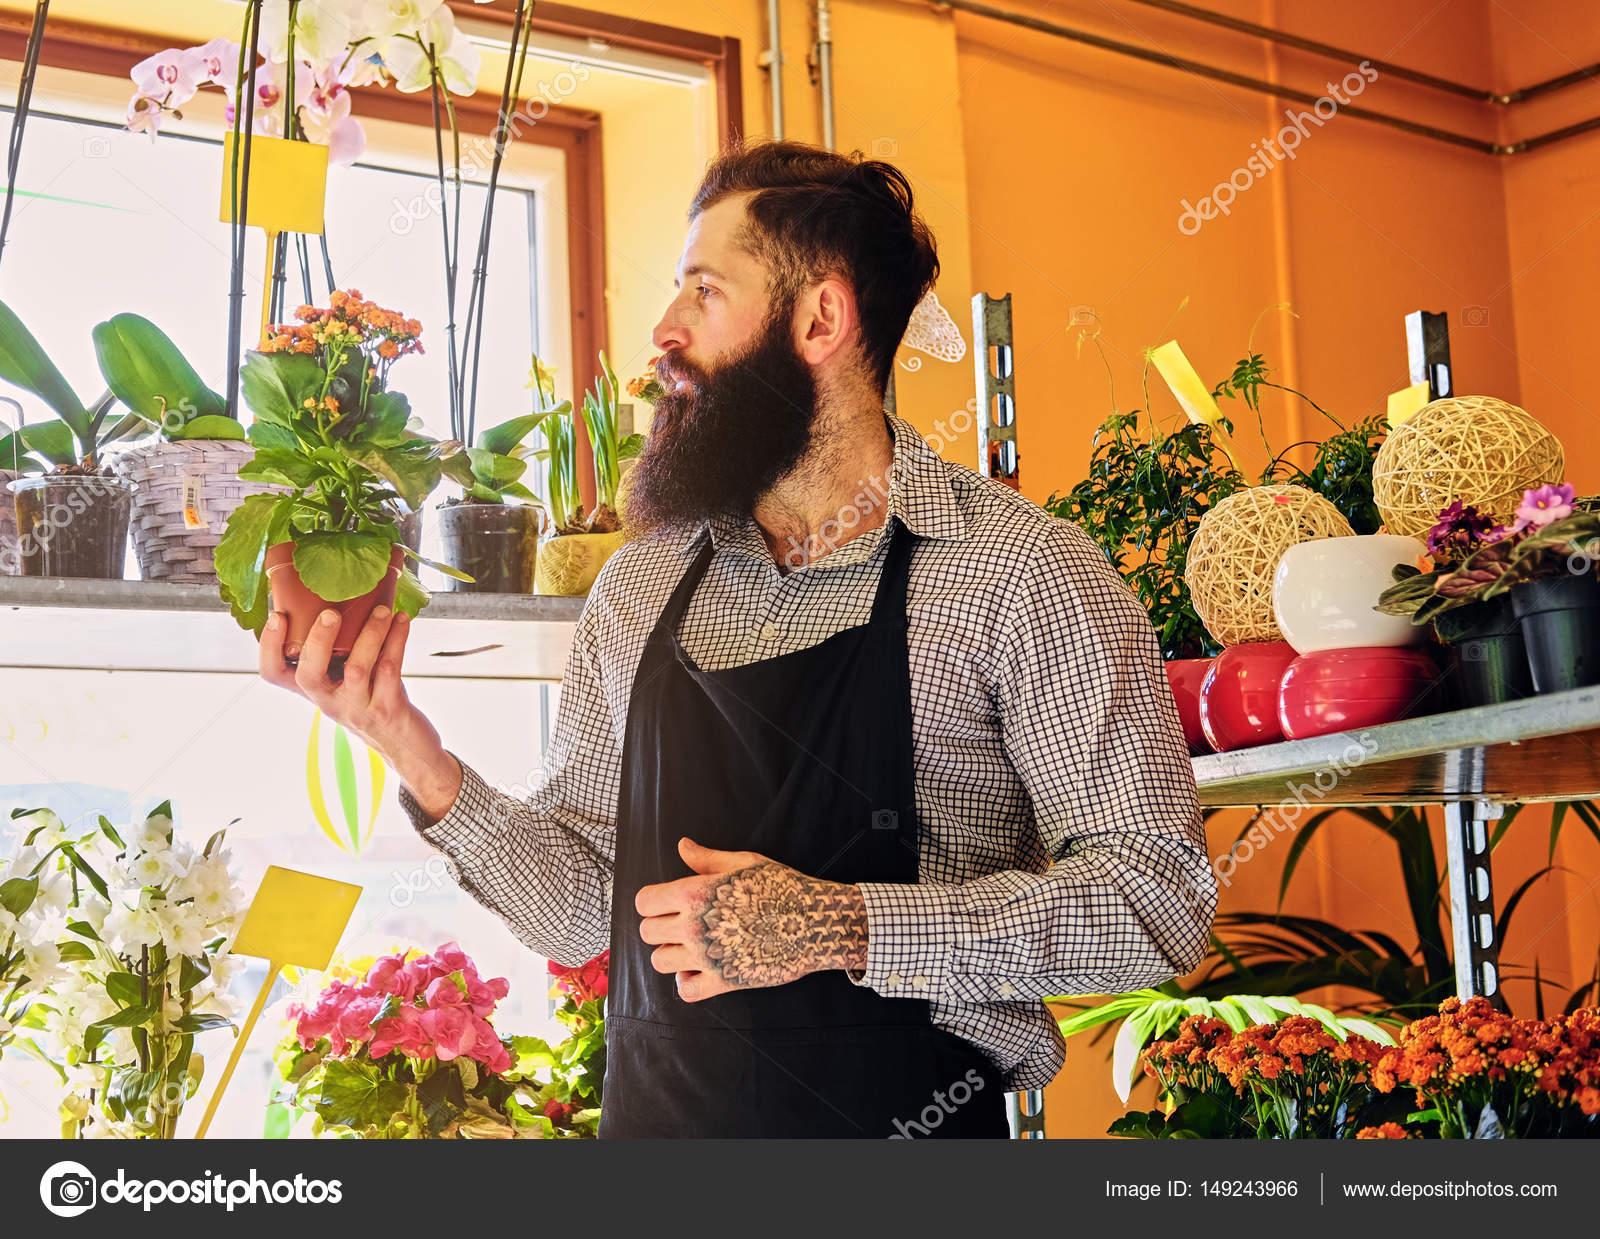 depositphotos_149243966-stock-photo-brutal-bearded-flower-seller.jpg